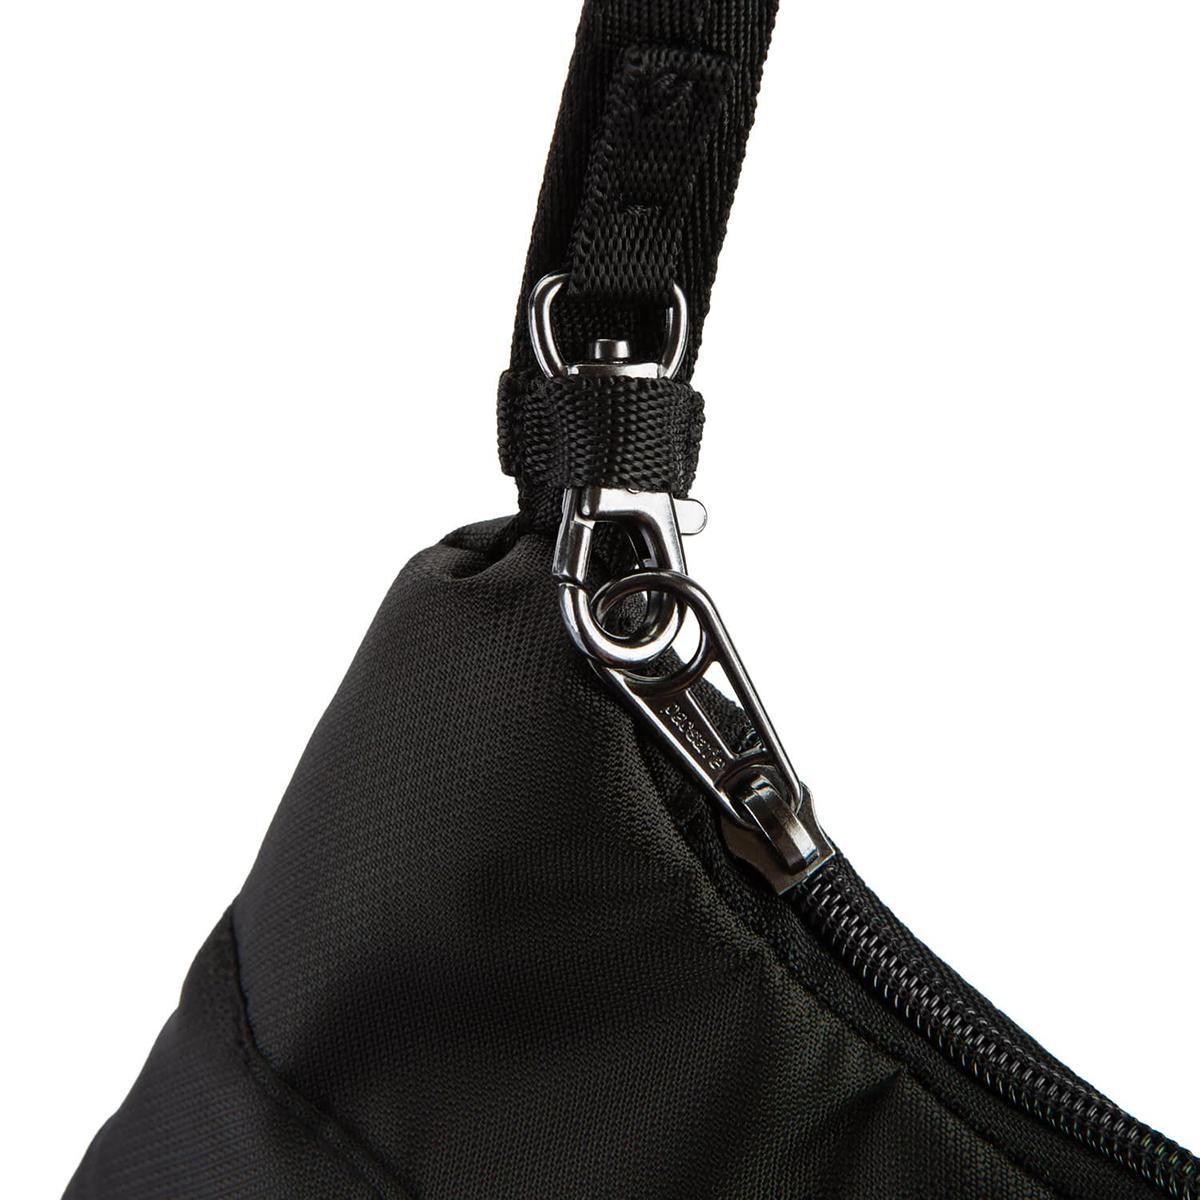 PacSafe-DaySafe-Anti-Theft-Slim-Crossbody-Bag thumbnail 6